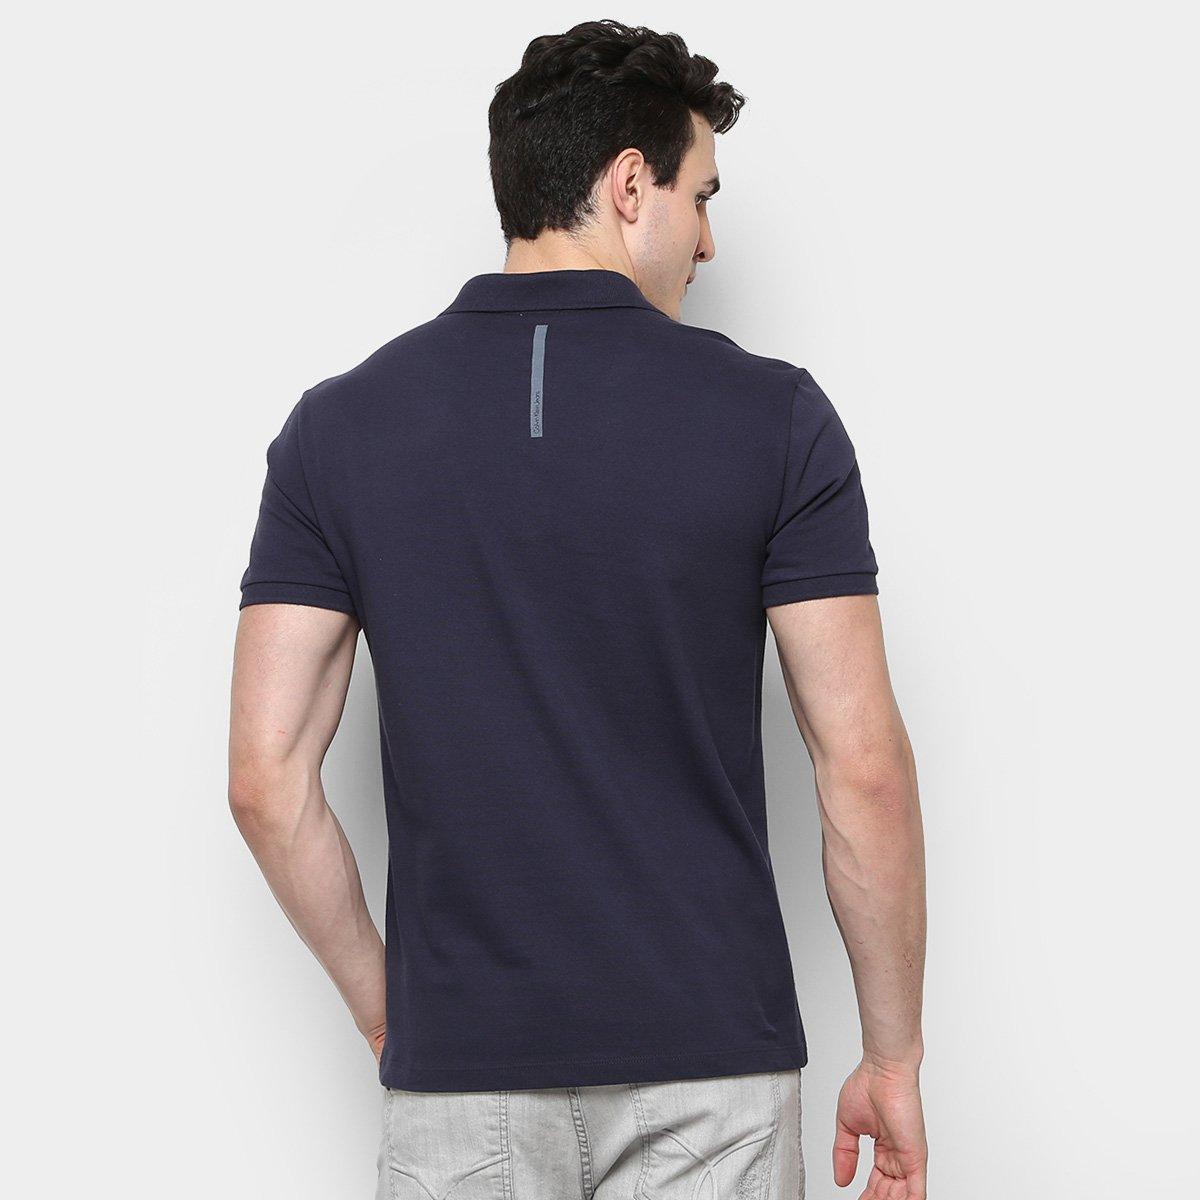 a0bc91b364c09 Camisa Polo Calvin Klein Piquet Etiqueta Patch Masculina - Compre ...  faeb04cdc9ca77  Camiseta Calvin Klein Amassada Estampada - Compre Agora  Netshoes ...